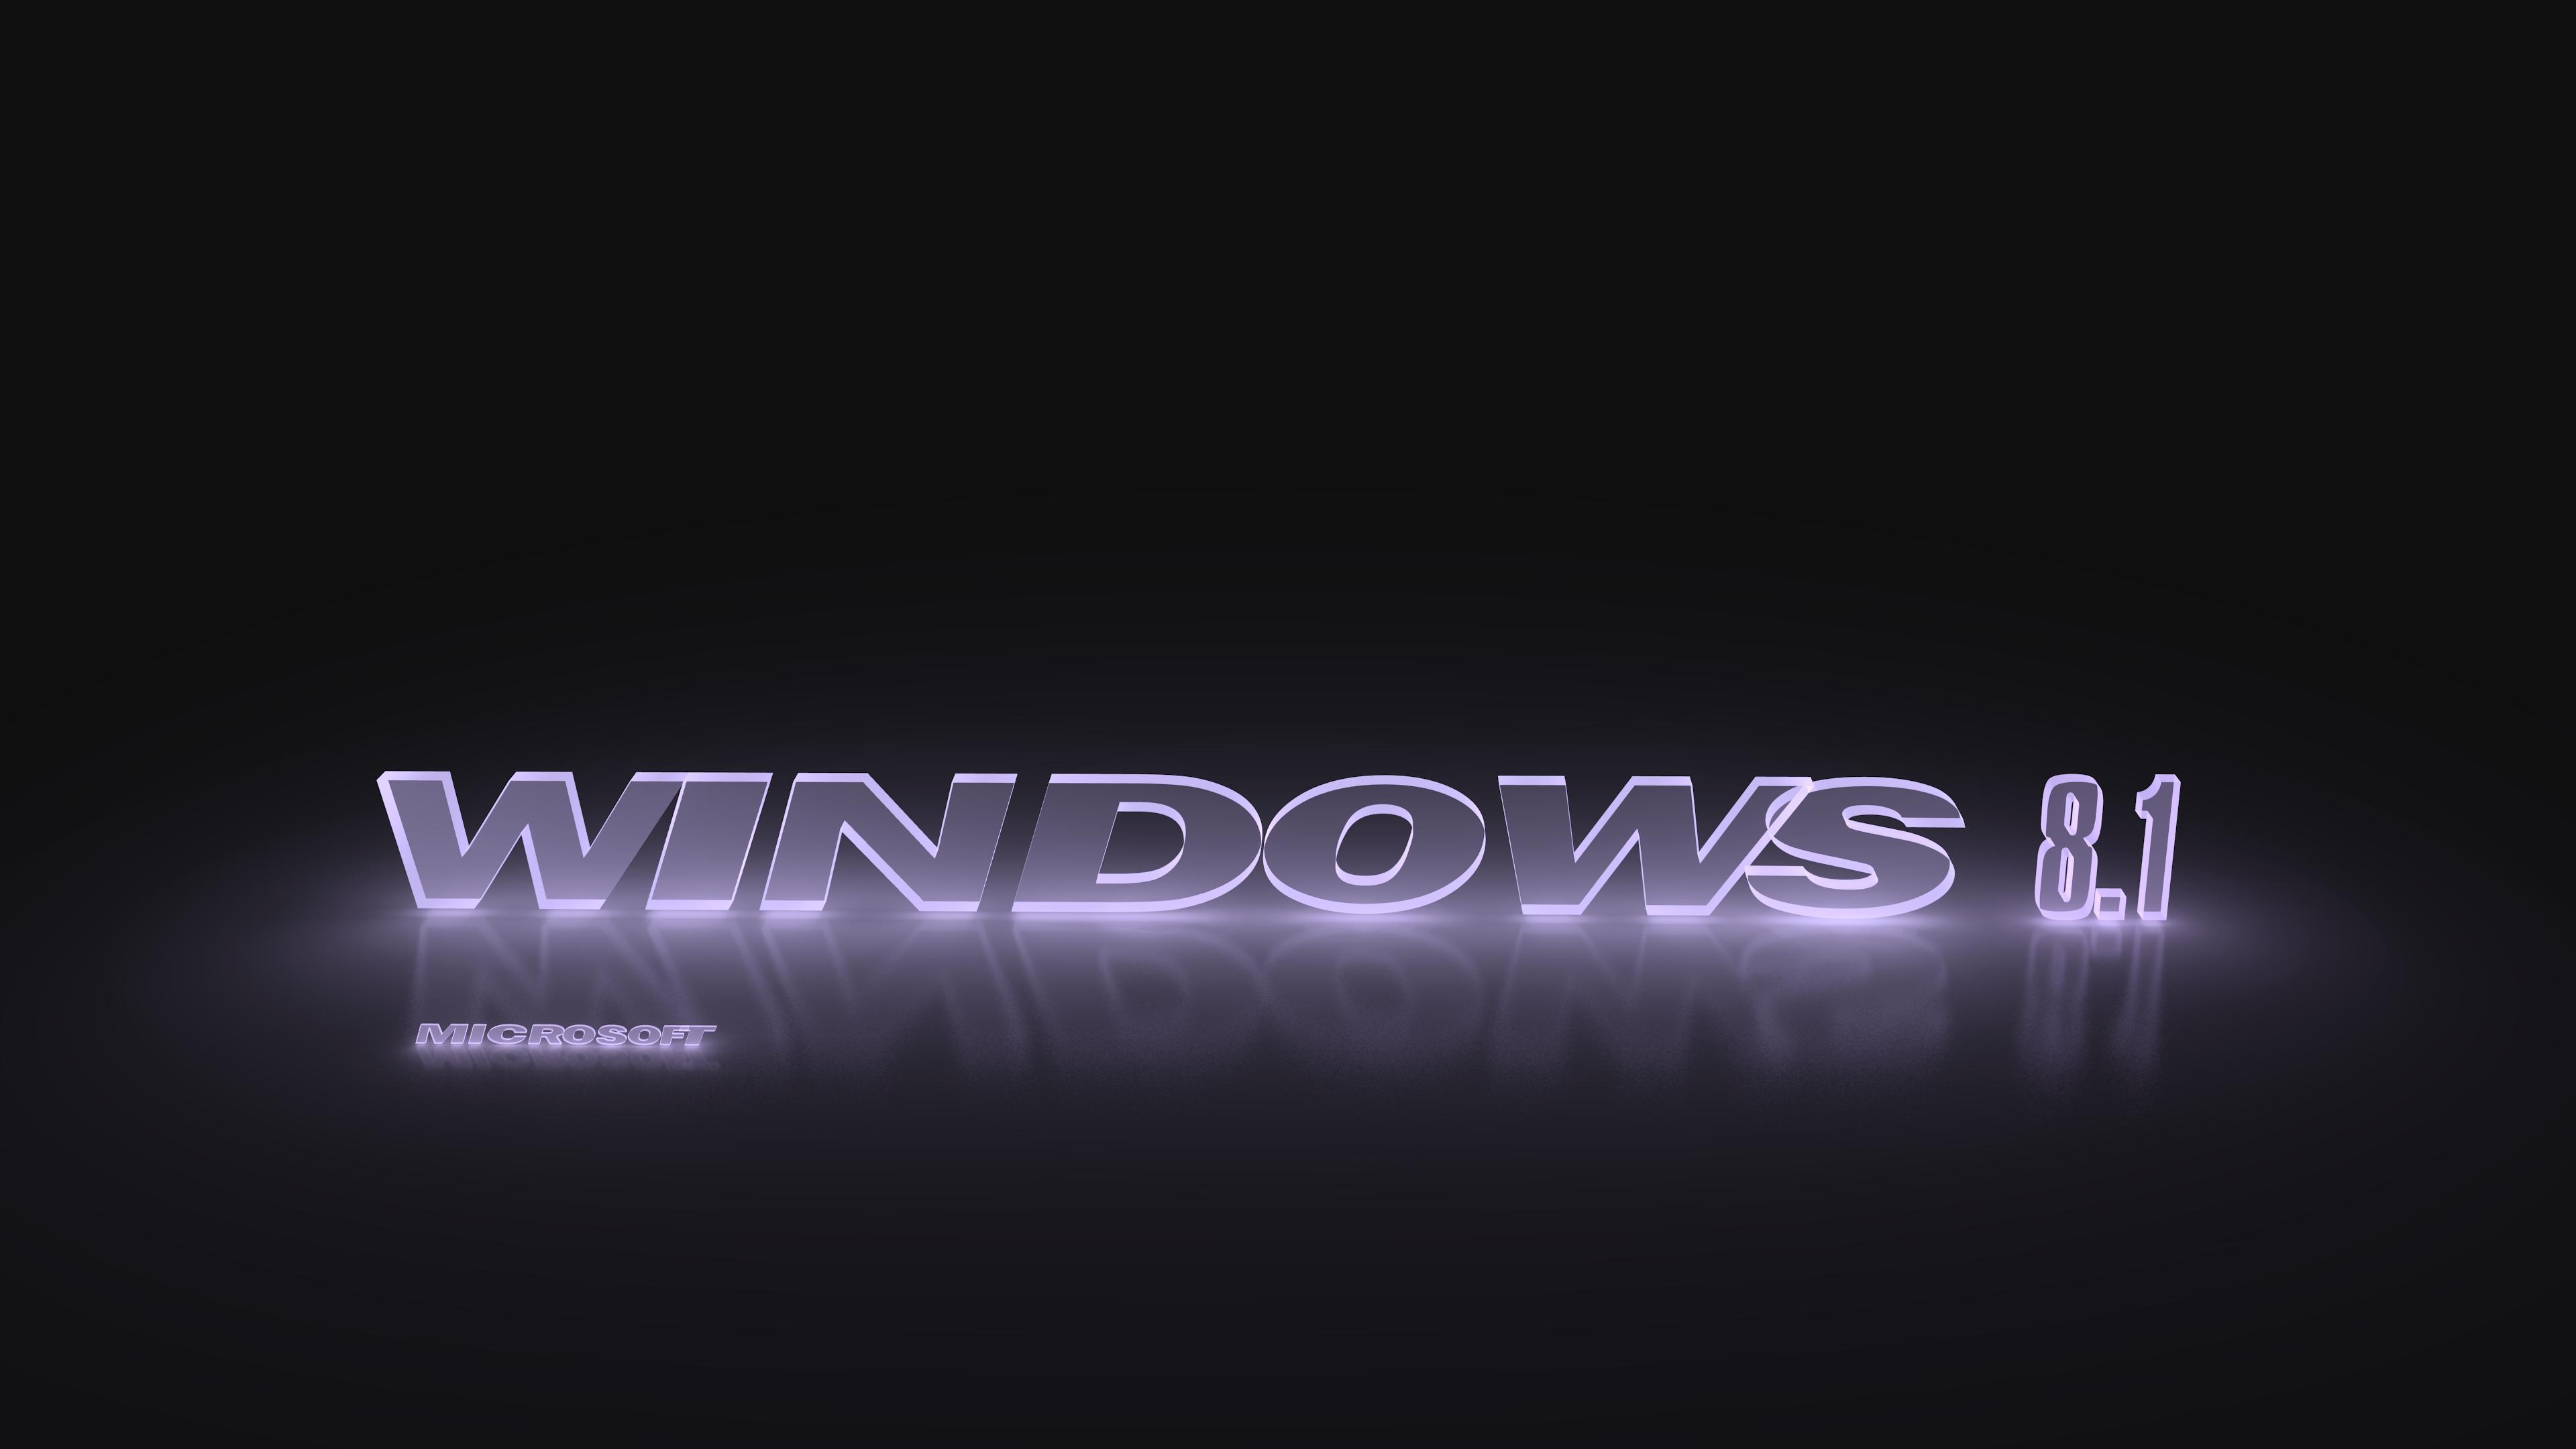 windows 8 1 glowing light violet 4k ultra hd fondo de